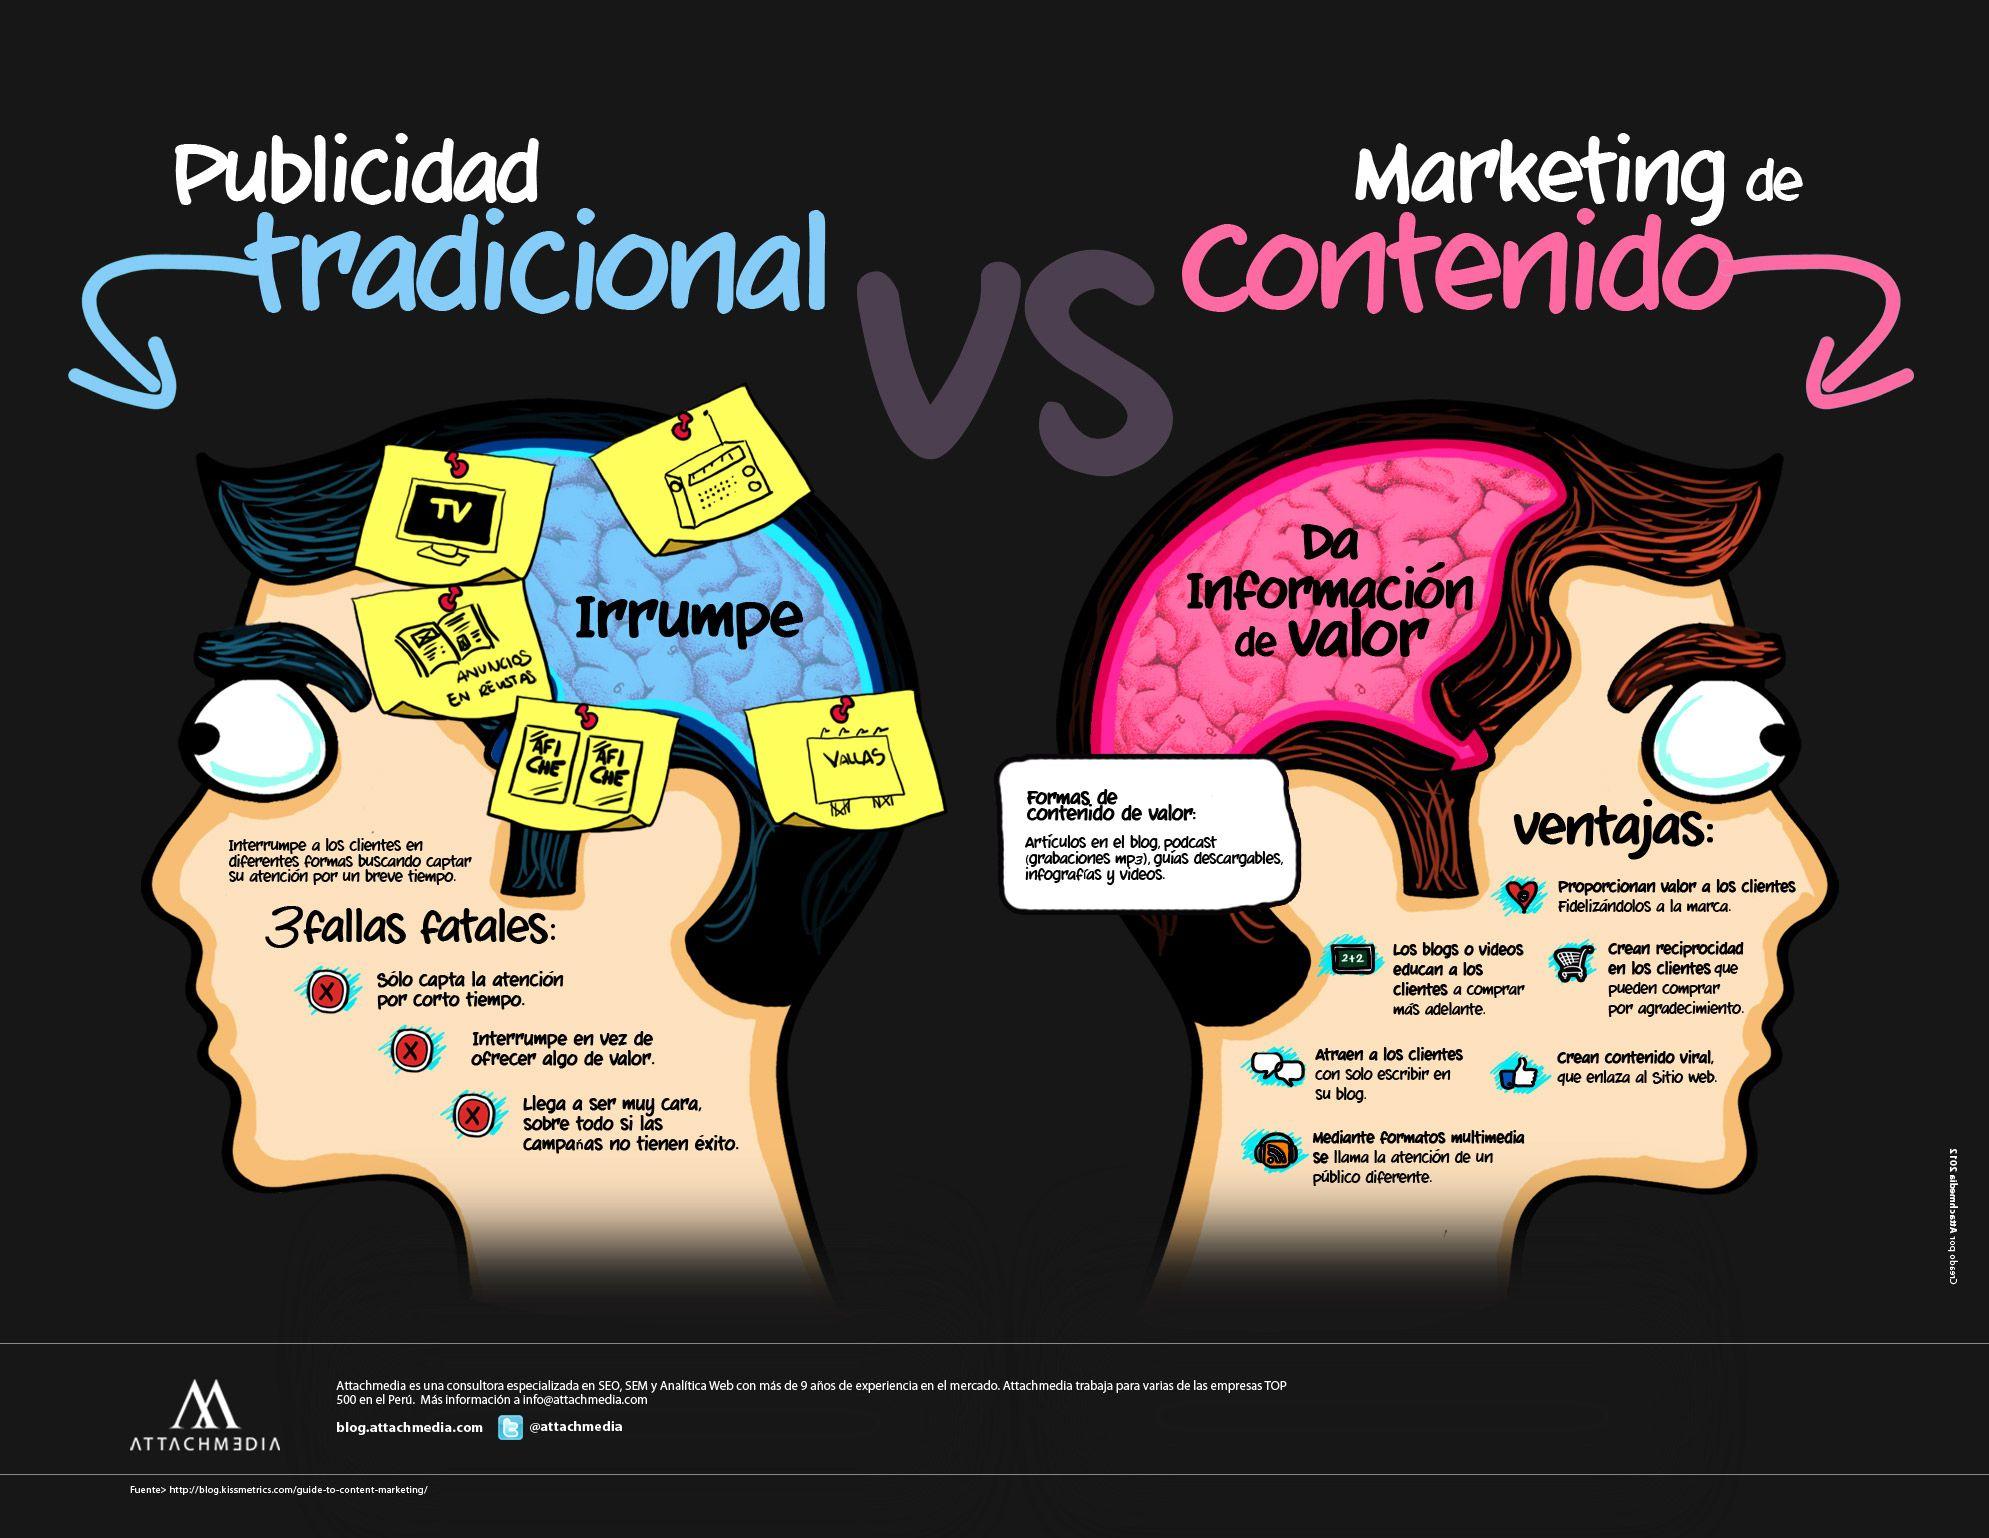 #Publicidad Tradicional VS #Marketing de Contenido